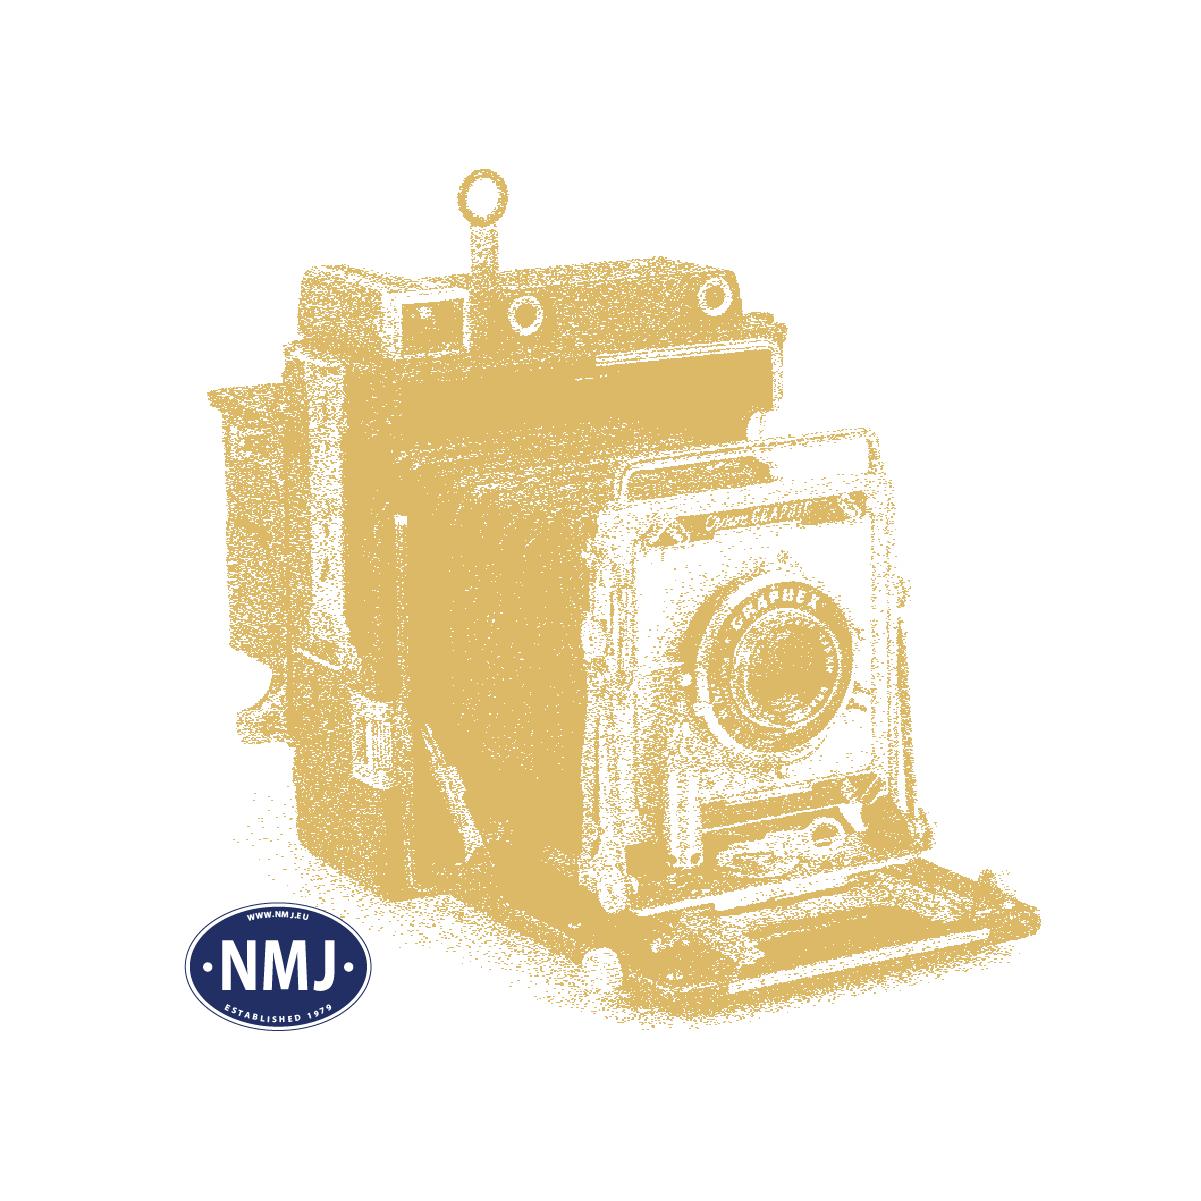 NMJSE1042 - NMJ Superline Modell der SJ Schlepptenderlok  E 1042